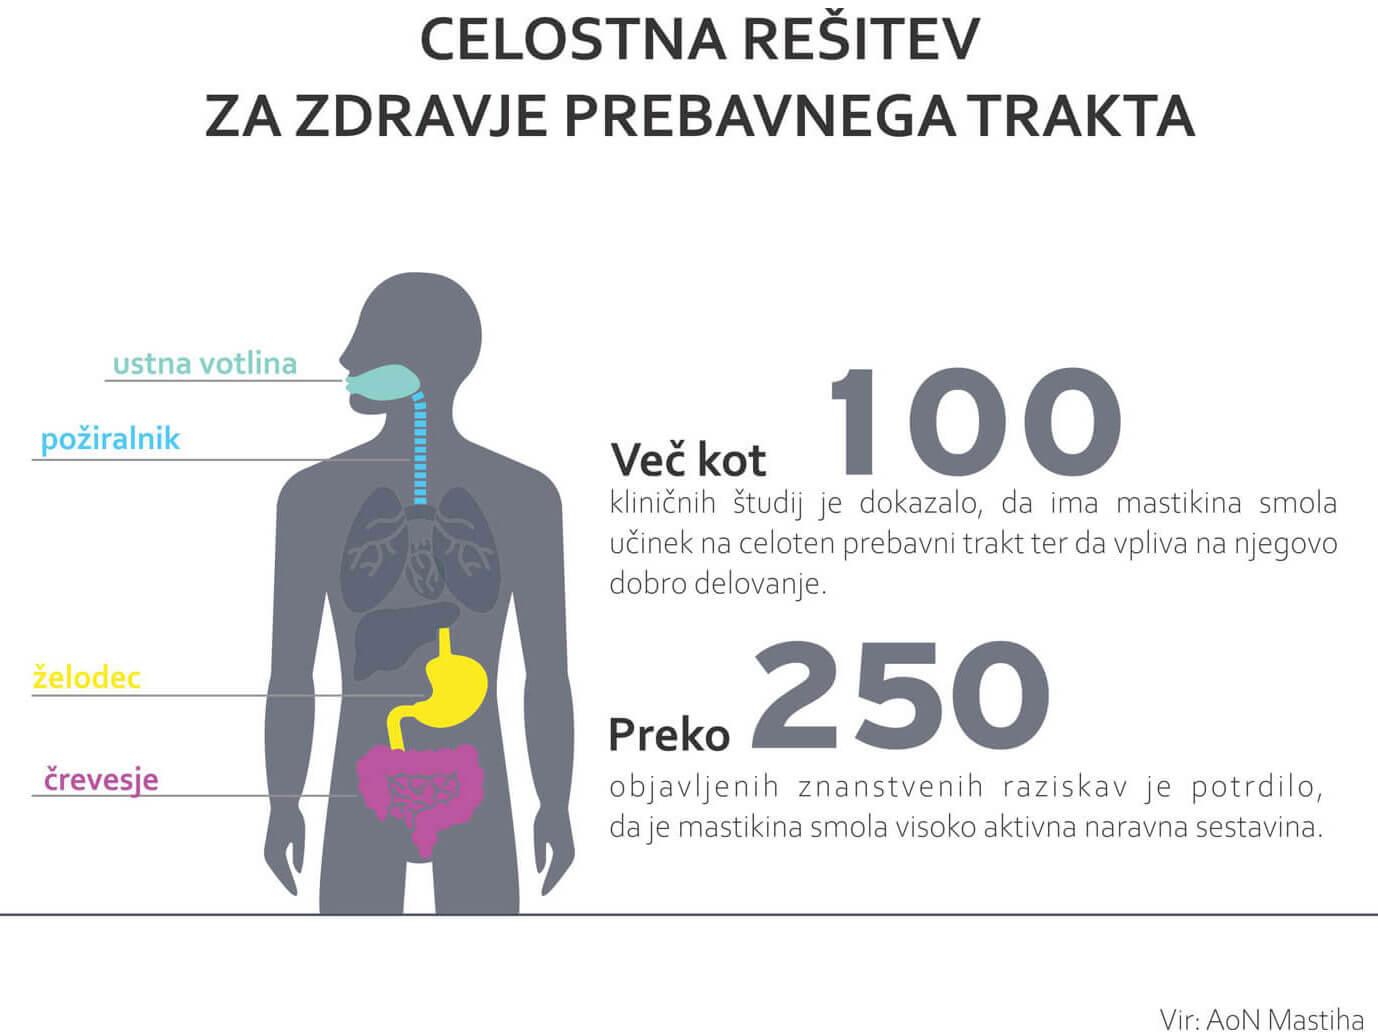 Grafika prikazuje silhueto osebe z označenimi predeli telesa kot ustna votlina, požiralnik, želodec in črevesje.